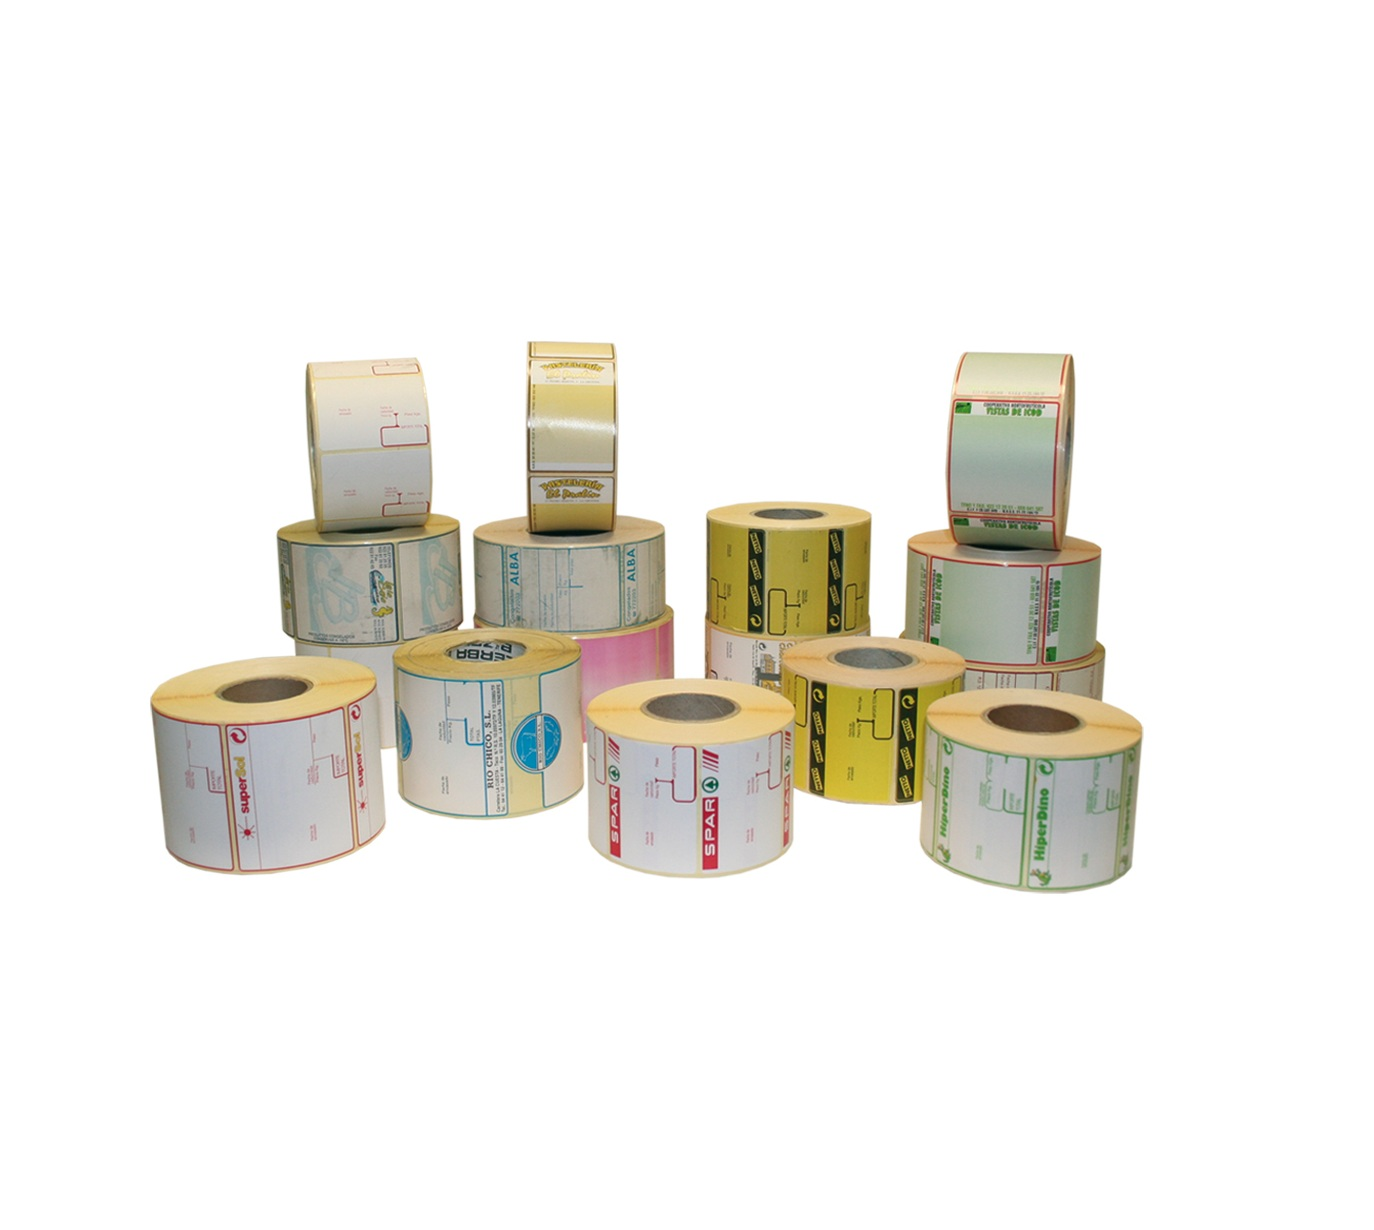 Etiquetas balanzas: Productos de Acco